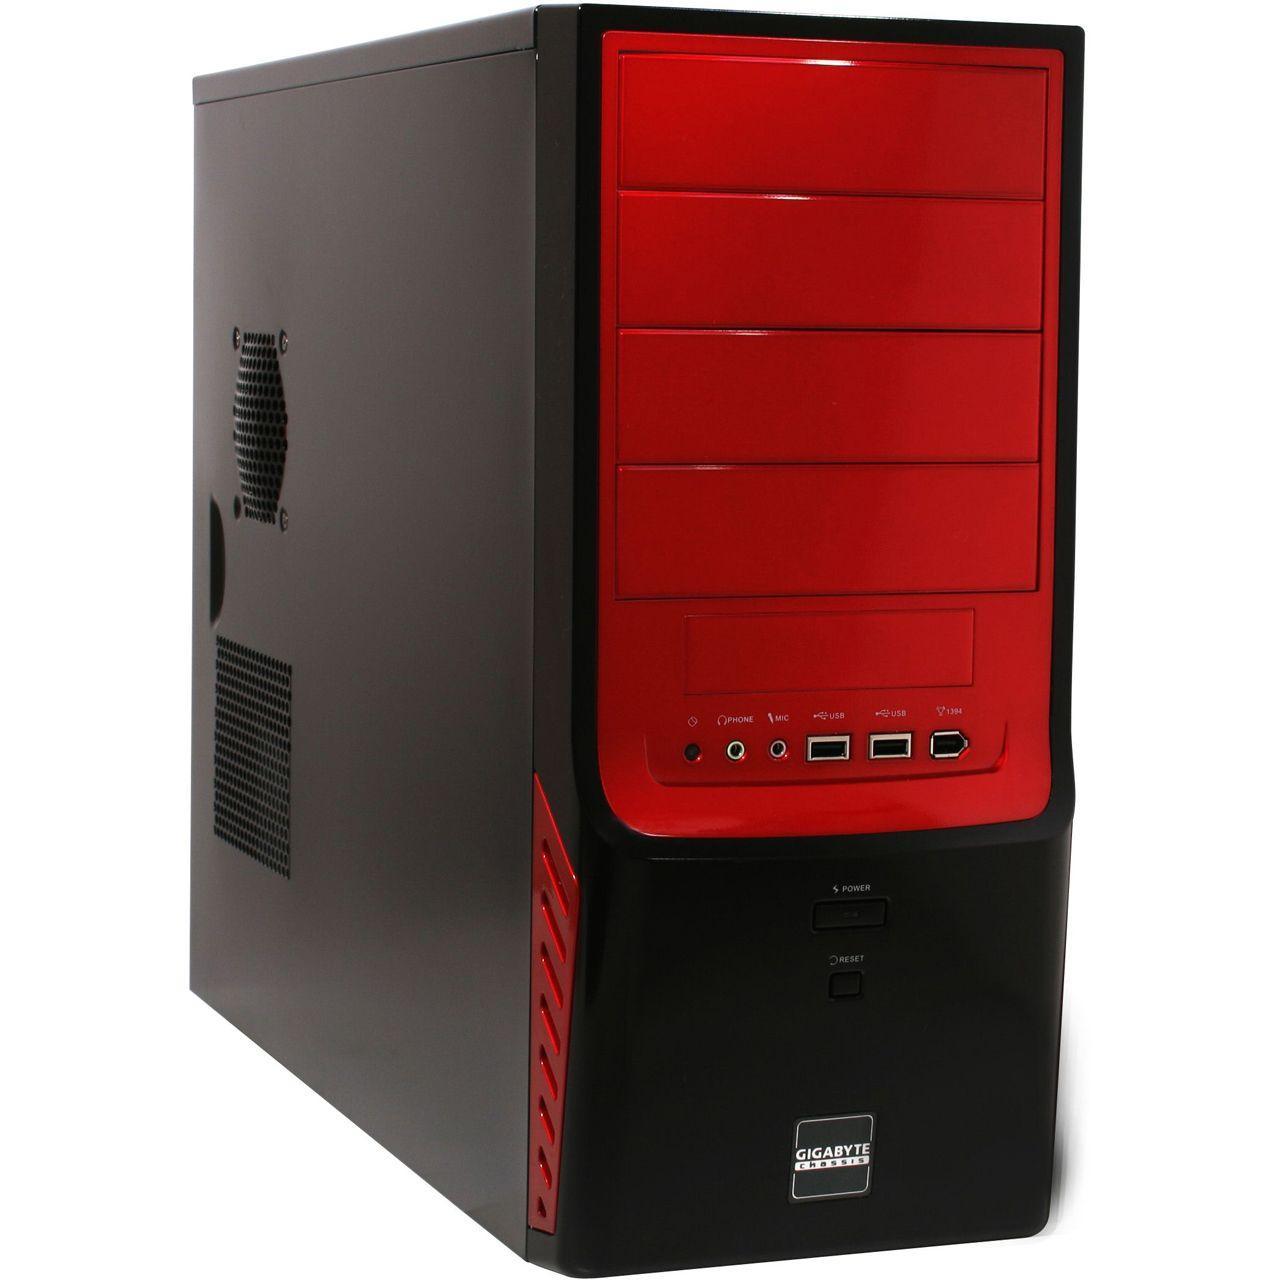 Boîtier PC Moyen Tour Gigabyte GZ-X4 Noir - Ventilateurs 12cm et 2 USB 2.0 (sans Alimentation)